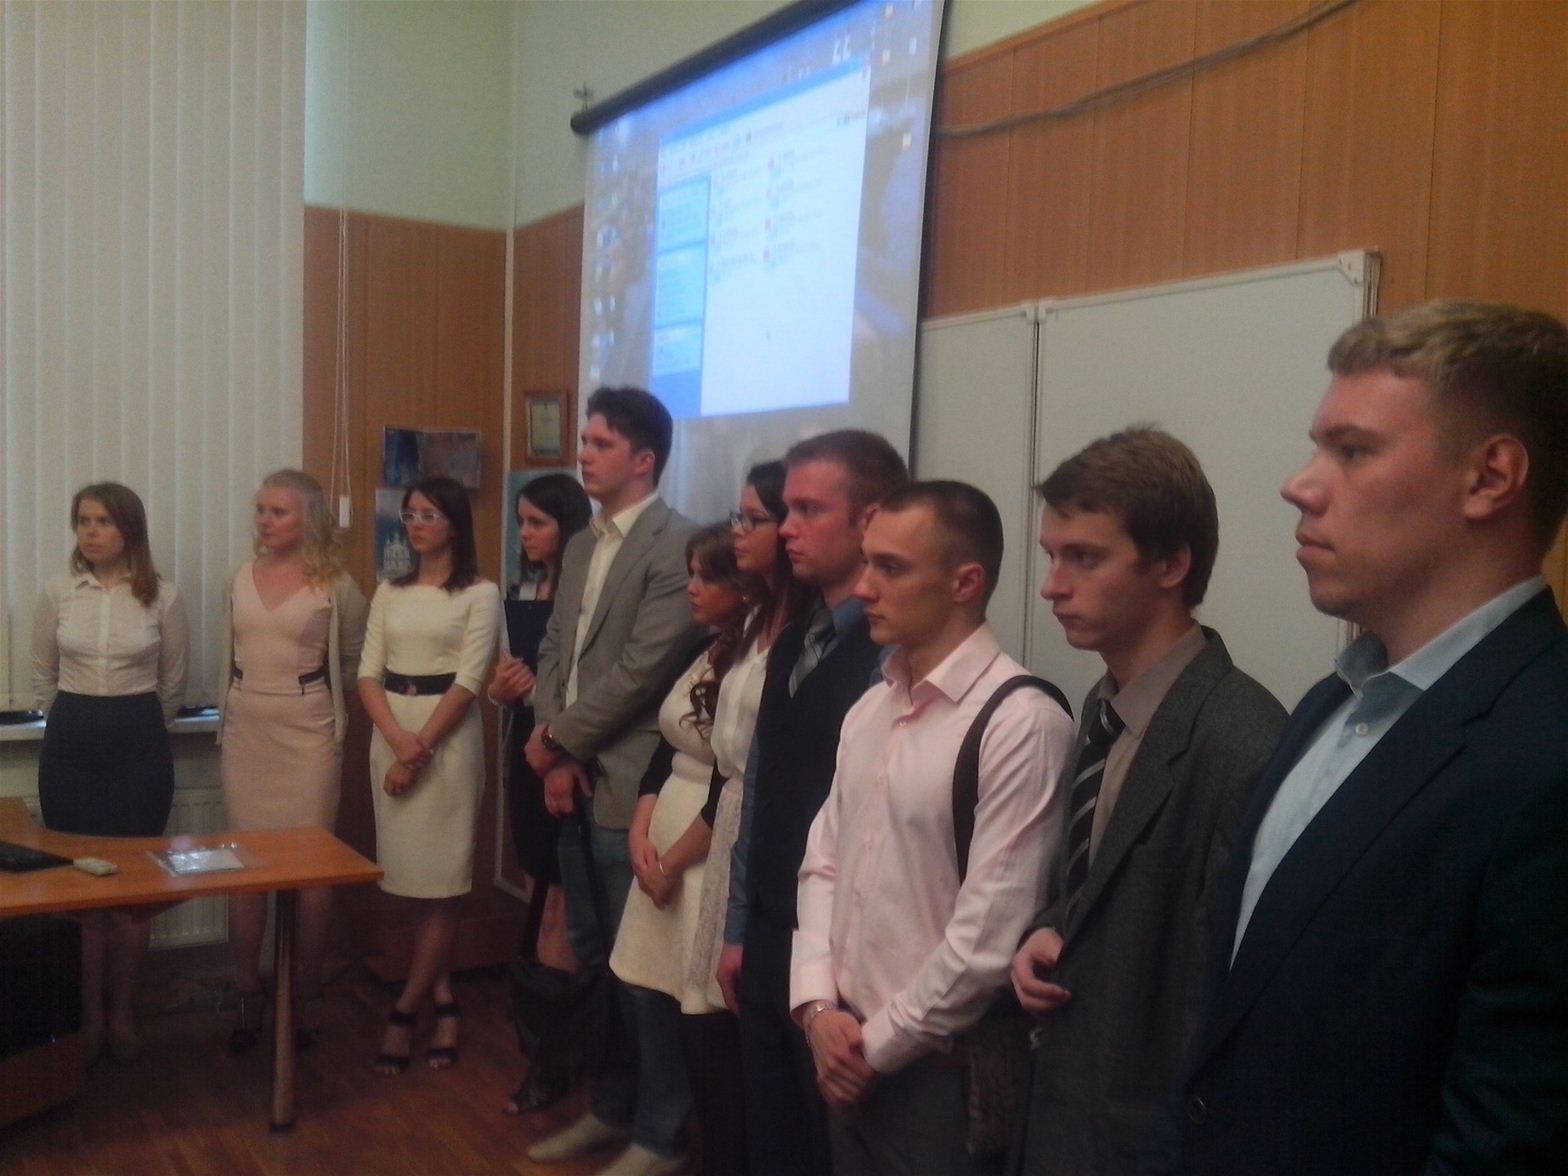 защиты выпускных квалификационных работ студентов группы 1126 по направлению «Технология транспортных процессов»